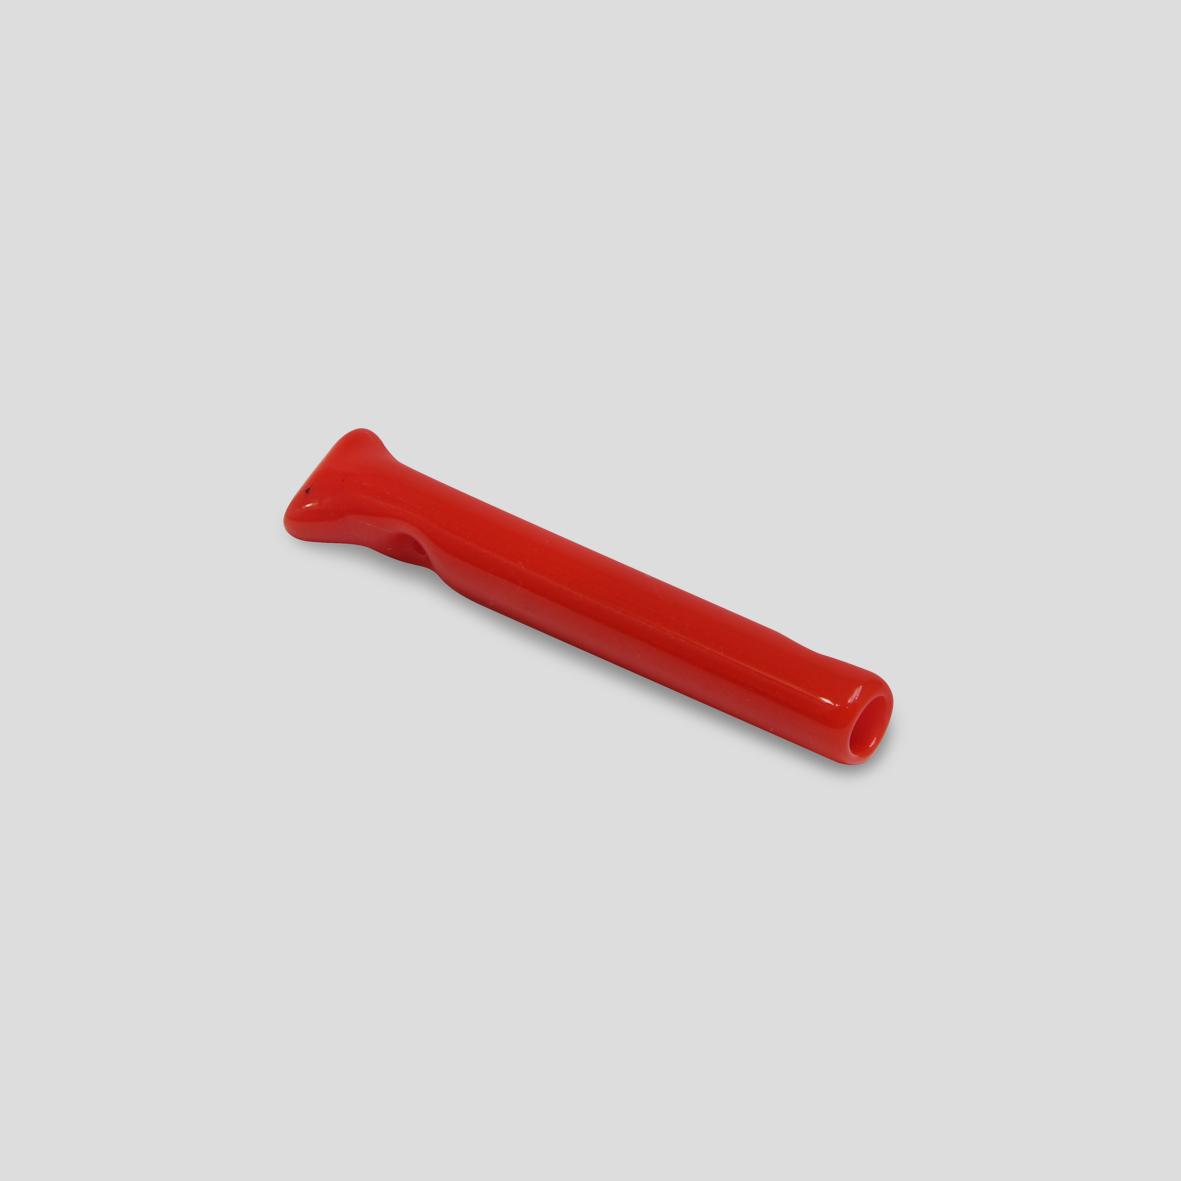 Piteira de vidro colorida - Ketchup